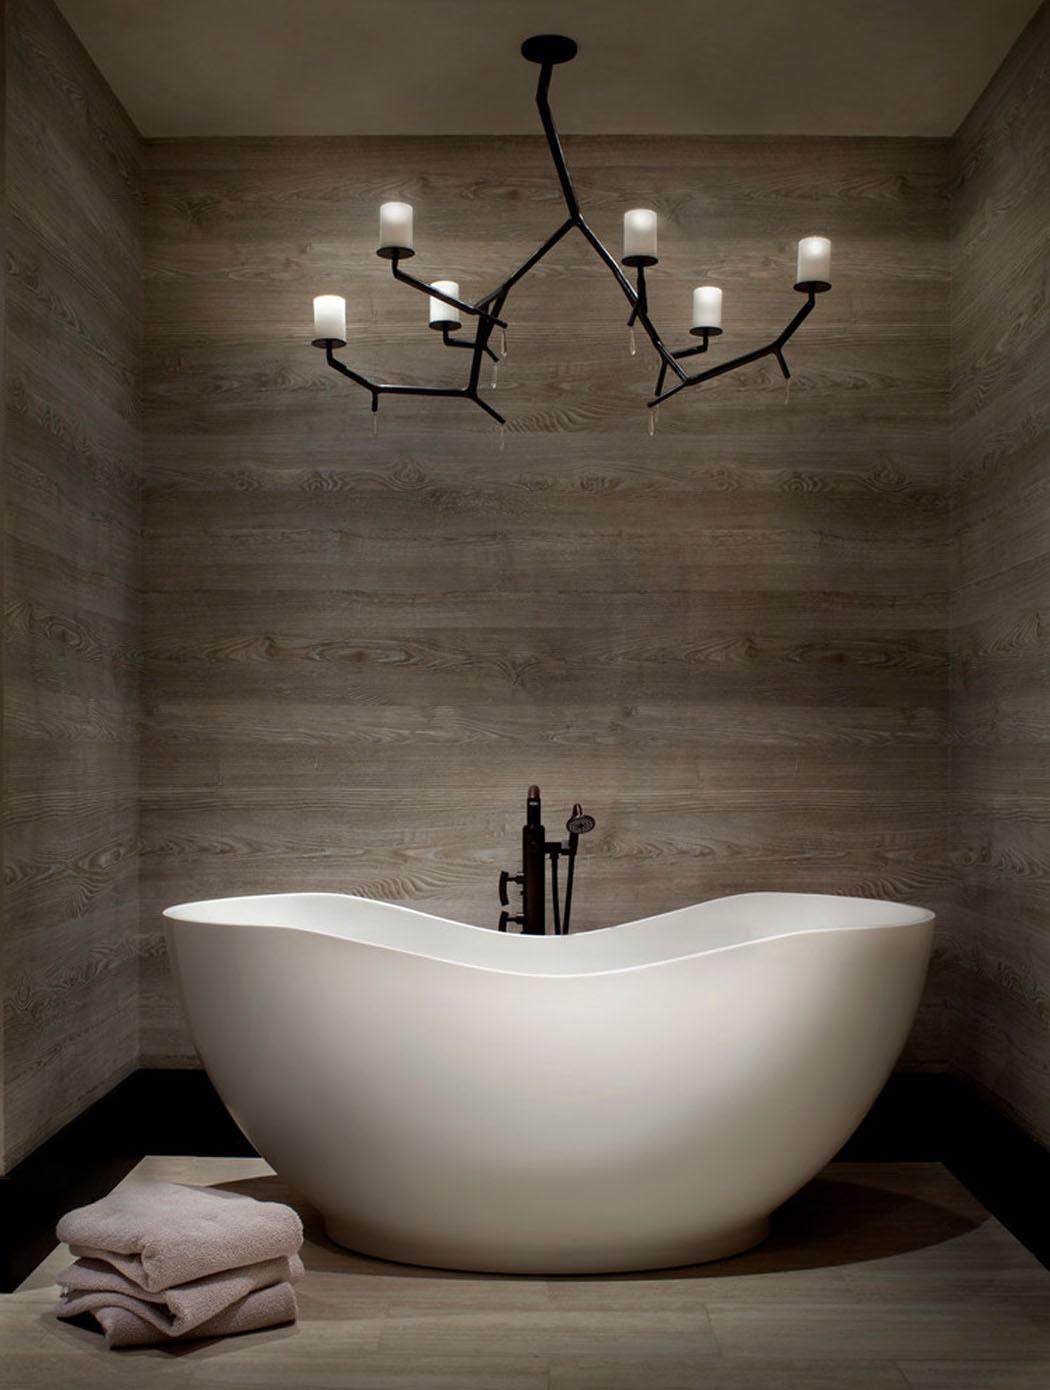 Phòng tắm chất lượng không chỉ đảm bảo tính thẩm mỹ mà còn phải giúp người dùng tận hưởng cảm giác thư giãn